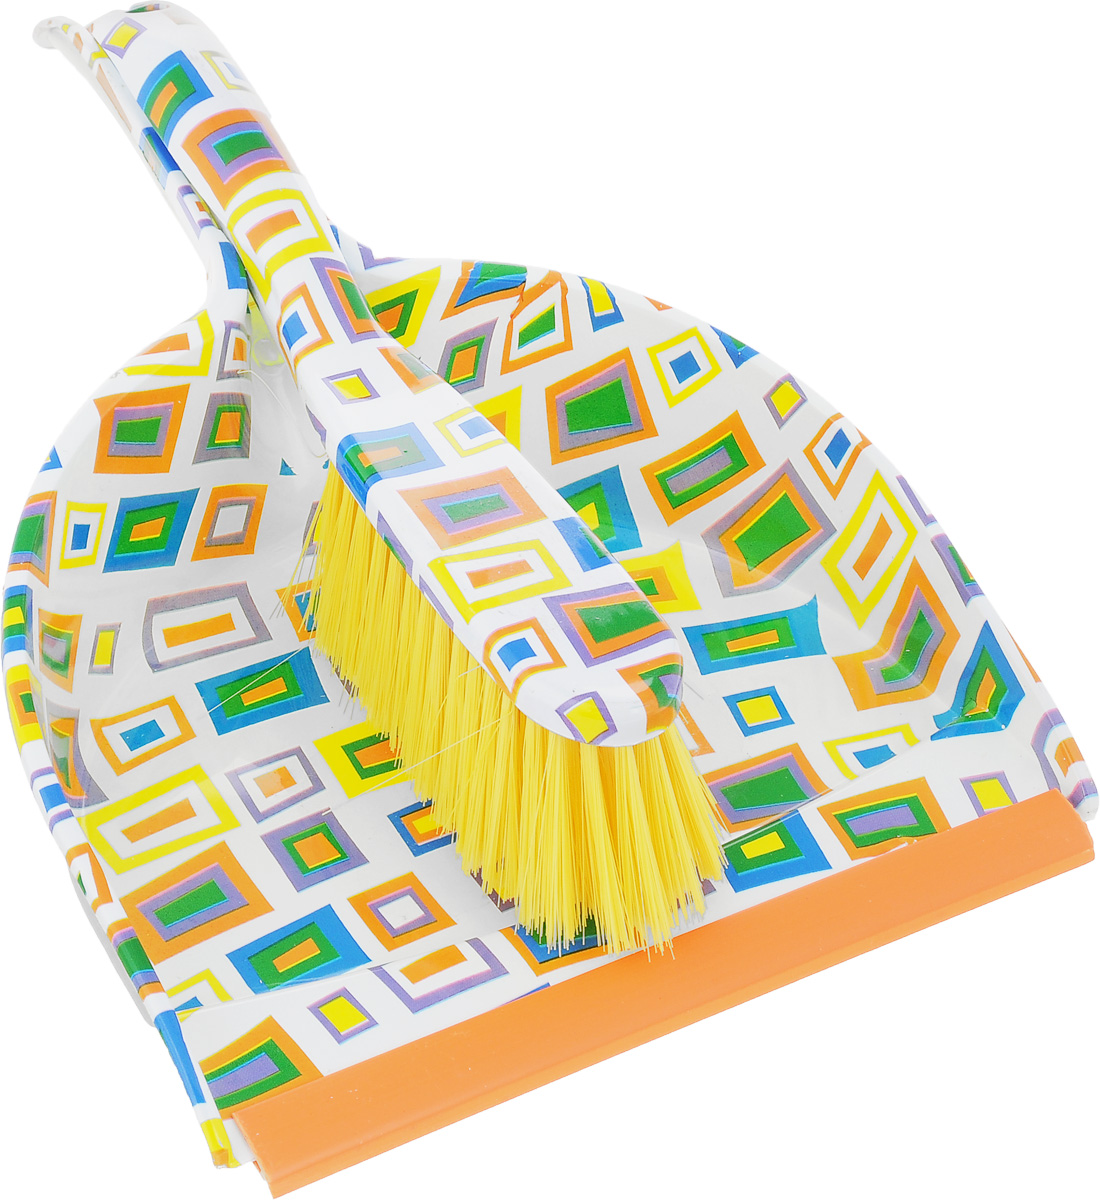 Набор для уборки Фэйт Колор, 2 предмета100-49000000-60Набор для уборки Фэйт Флора состоит из совка и щетки-сметки, изготовленных из высококачественных пластика и нейлона. Вместительный совок удерживает собранный мусор, позволяет эффективно и быстро совершать уборку в любом помещении. Прорезиненный край совка обеспечивает наиболее плотное прилегание к полу. Щетка-сметка с жестким ворсом имеет удобную форму позволяет вымести мусор даже из труднодоступных мест. Совок и щетка-сметка оснащены ручками с отверстиями для подвешивания. С набором Фэйт Флора уборка станет легче и приятнее.Общая длина щетки-сметки: 26 см.Длина ворса щетки-сметки: 5 см.Длина совка: 32 см.Ширина совка: 22 см.